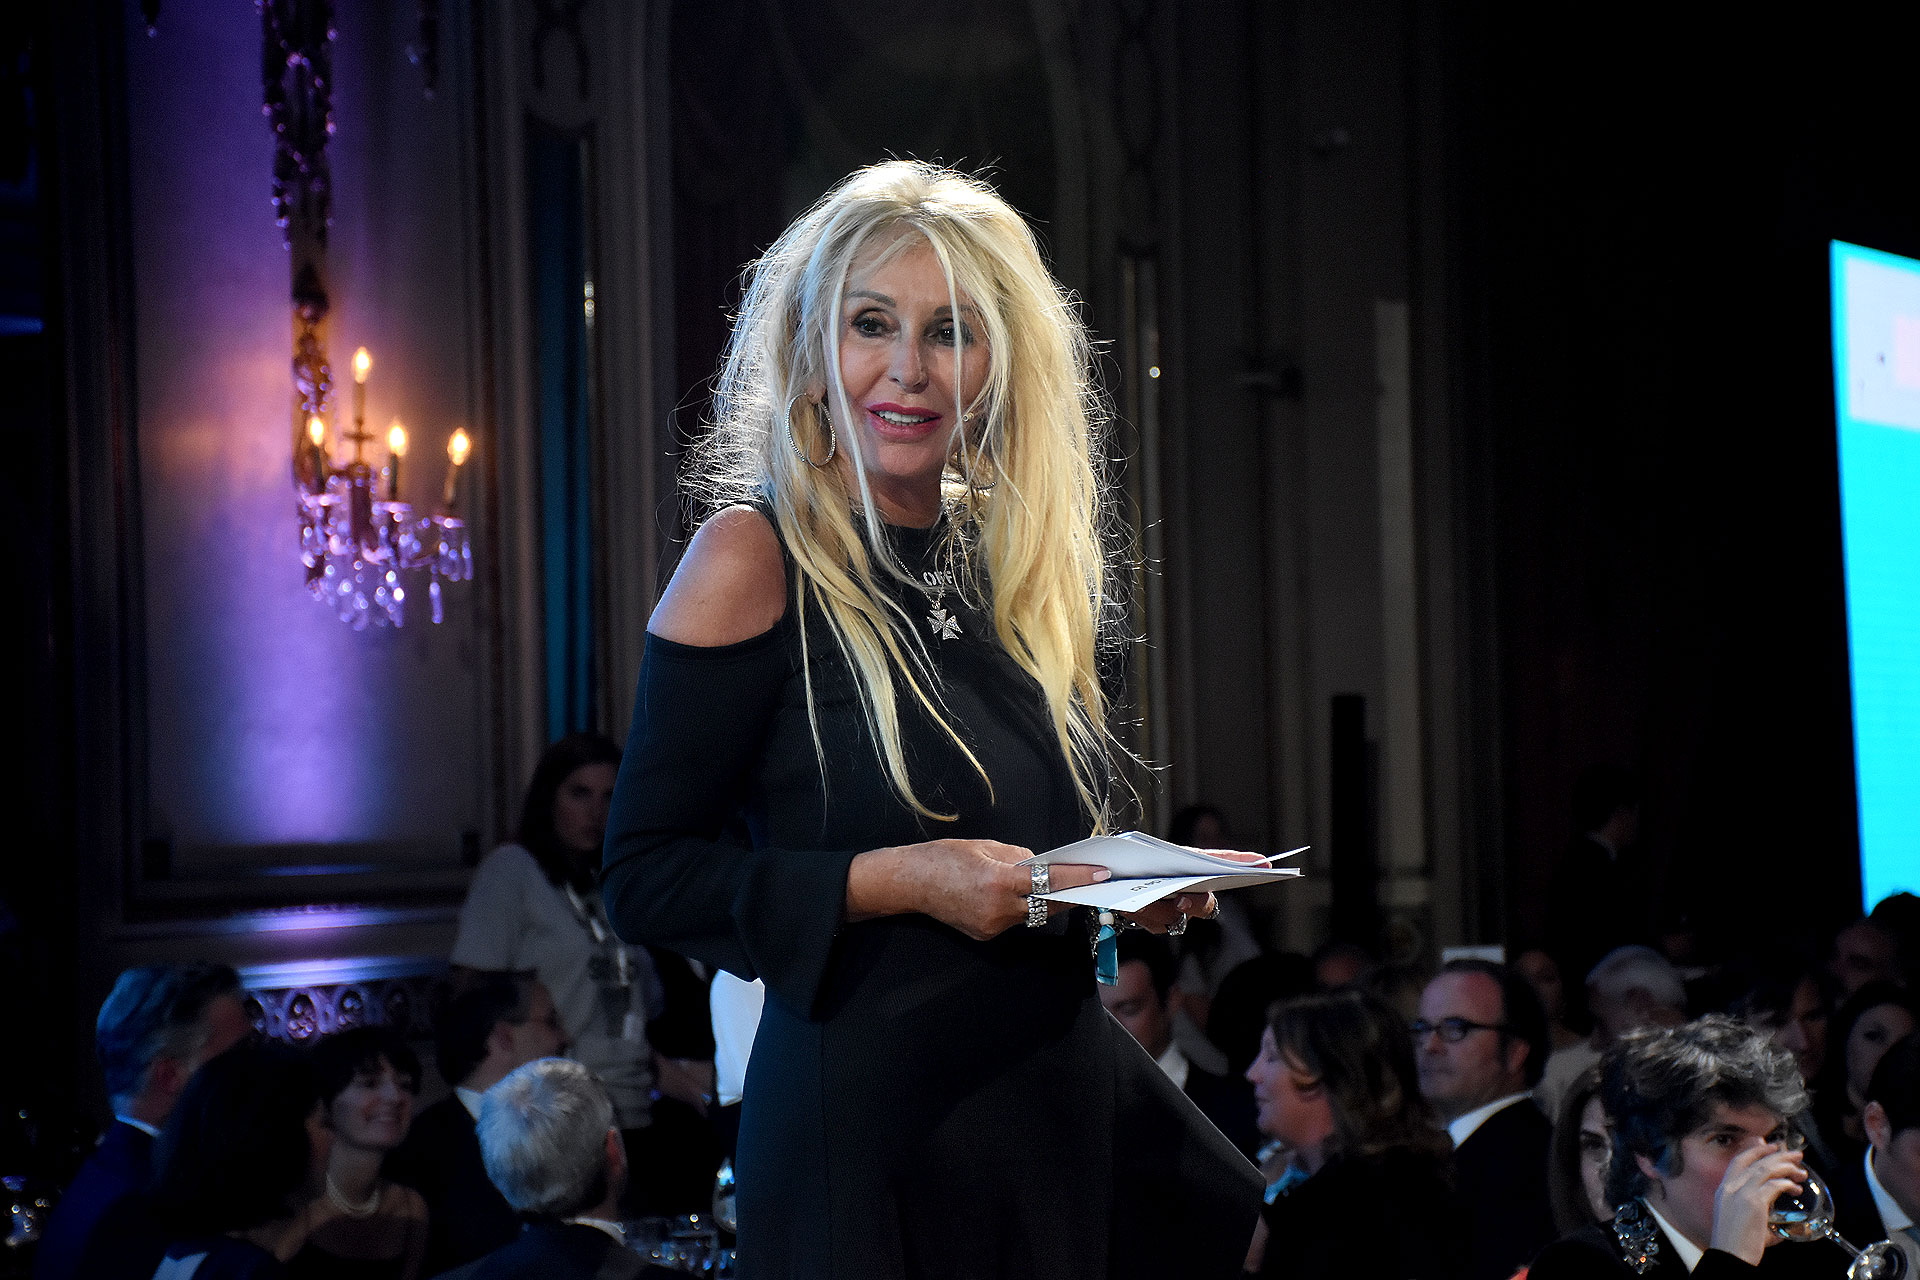 La empresaria y filántropa suiza Renata Jacobs, fundadora y vicepresidente de la Fundación Cartoneros y sus Chicos. Desde 2001, acompaña a los cartoneros con un proyecto educativo para sus hijos